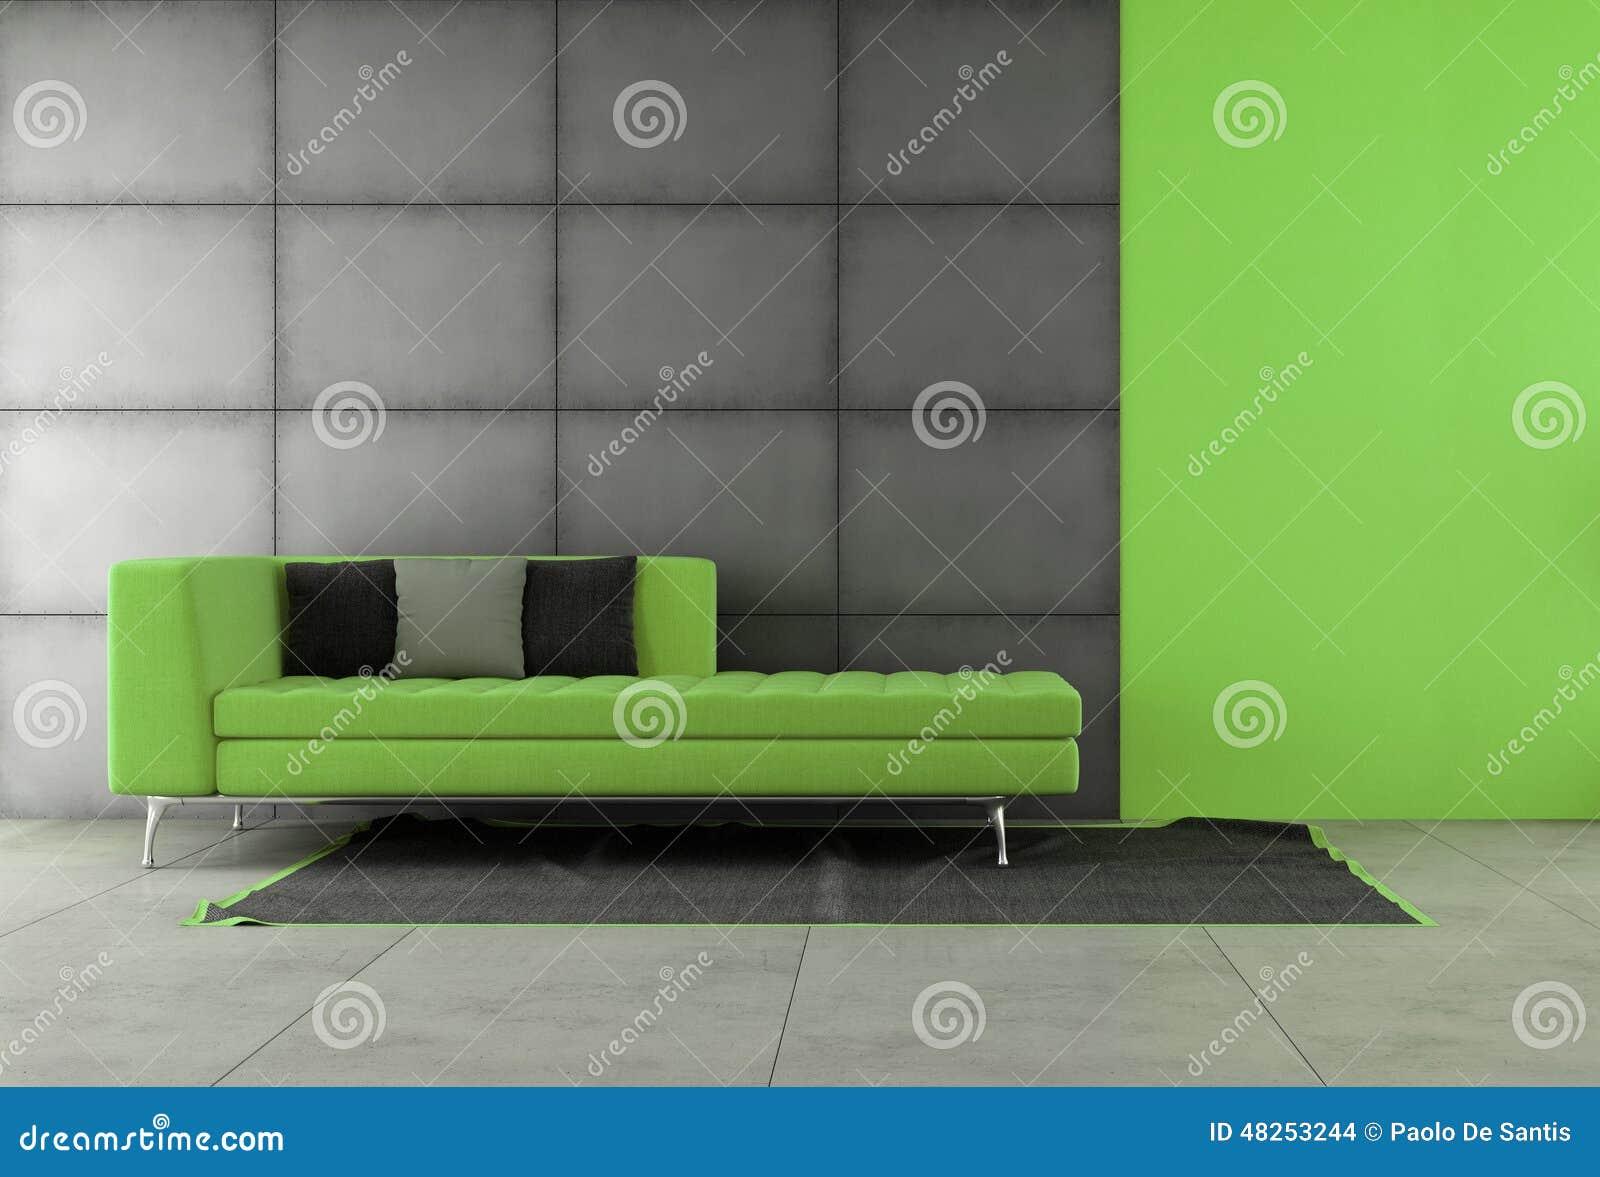 Zwarte En Groene Woonkamer Stock Illustratie - Afbeelding: 48253244